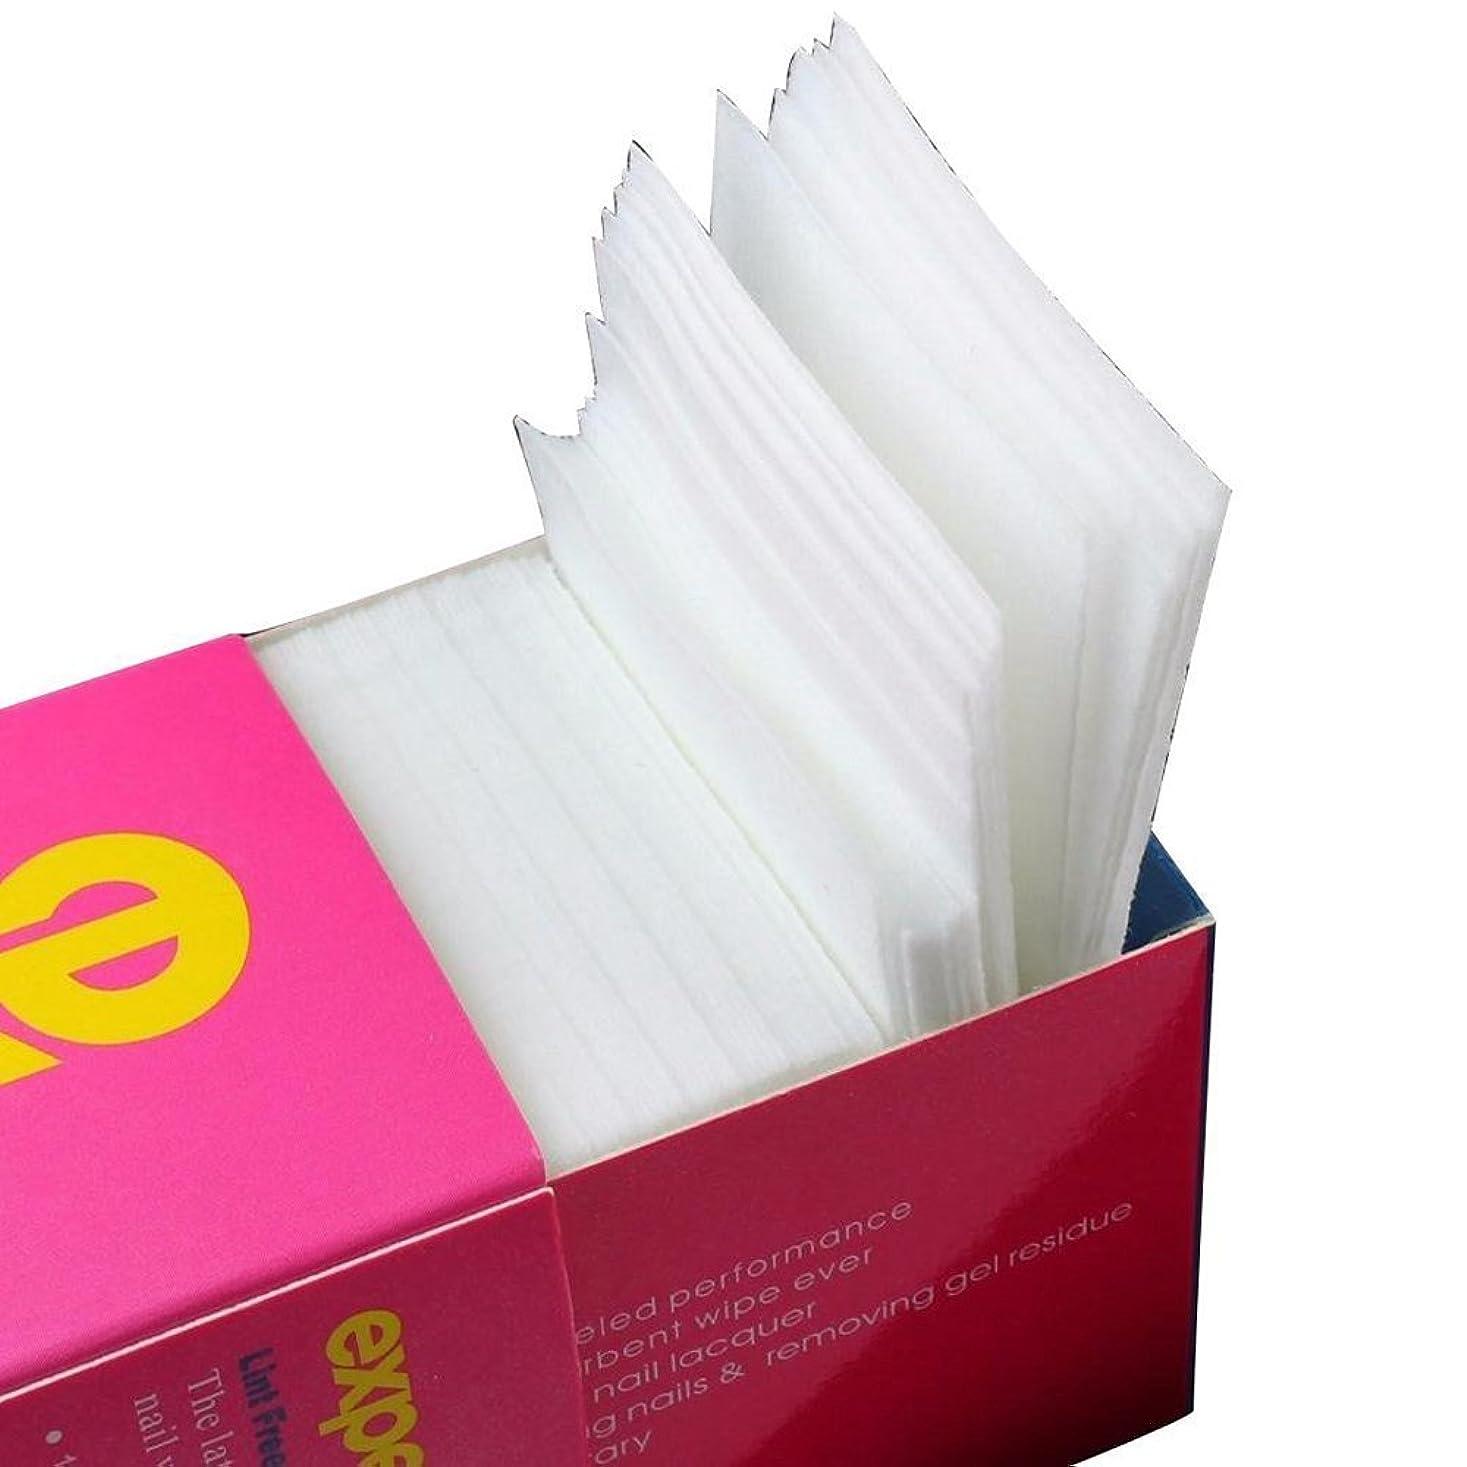 スペードリットル私たちのVi.yo ネイル ワイプ コットン 天然素材 不織布 ジェルの拭き取り 油分除去 クリーニング 320枚以上